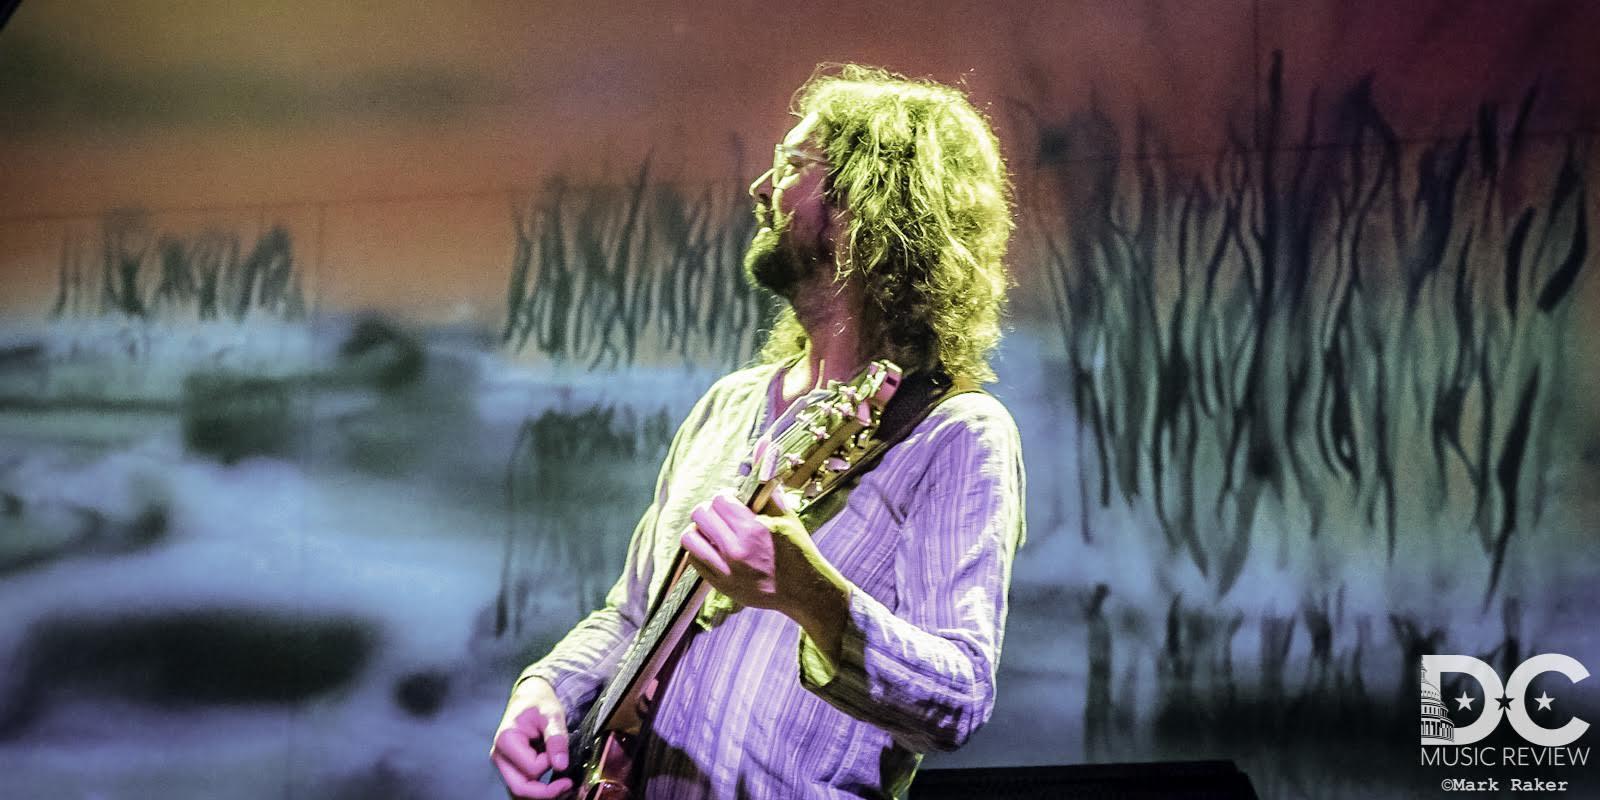 John Kadlecik performs at The Hamilton during Days Between